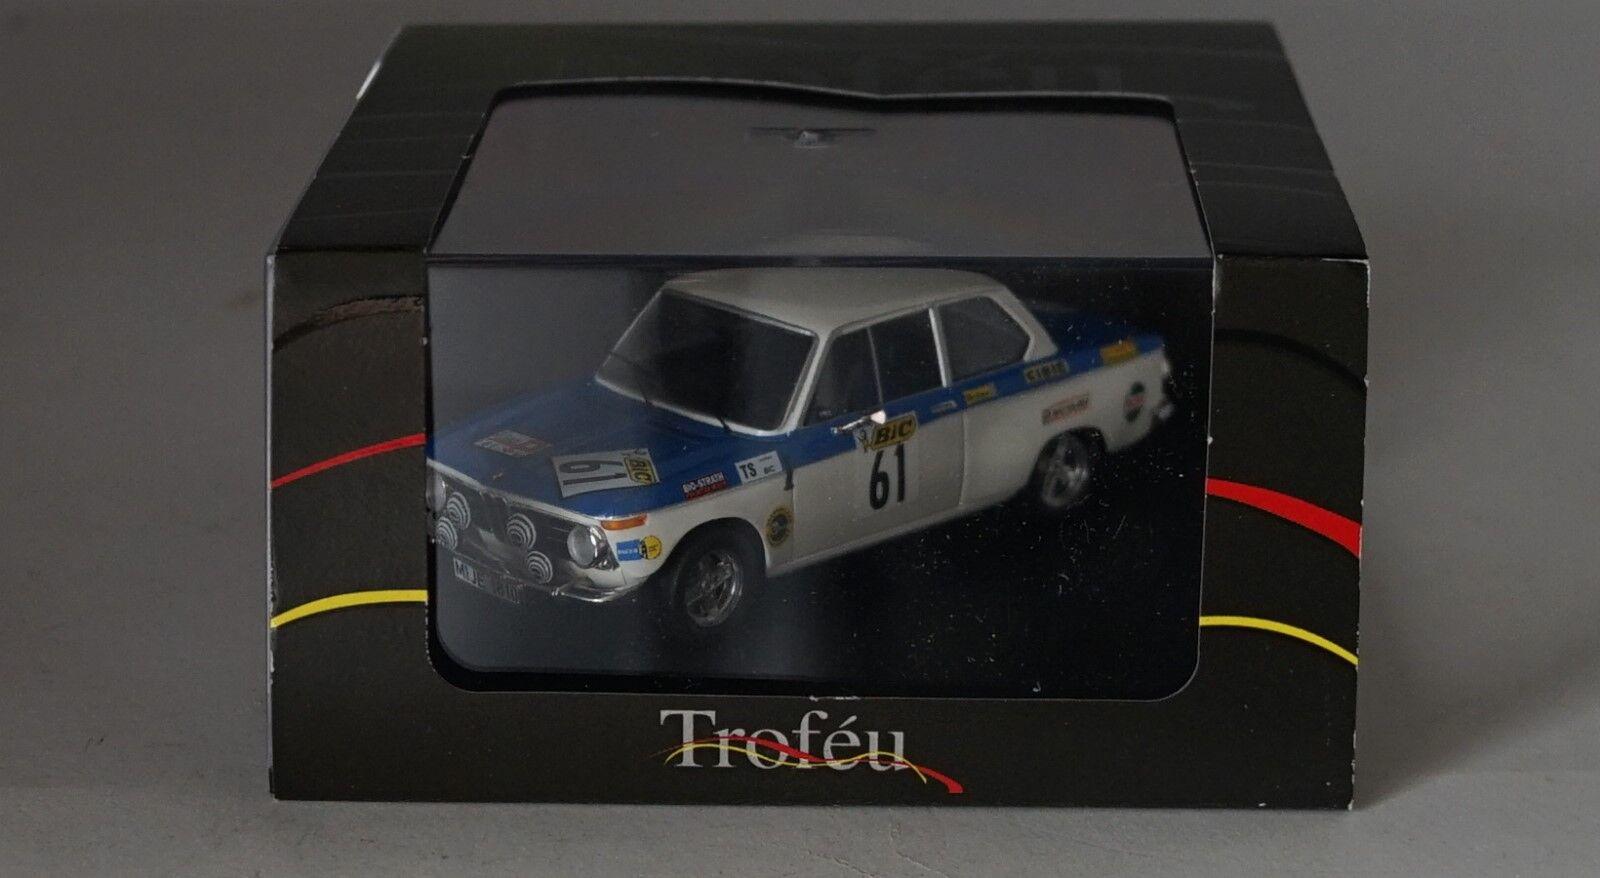 TROFEU TF1726 BMW 2002 N.61 6th (WINNER Gr.2) Gr.2) Gr.2) TOUR AUTO 1971 T.FALL-M.WOOD 1 43 efa1d6